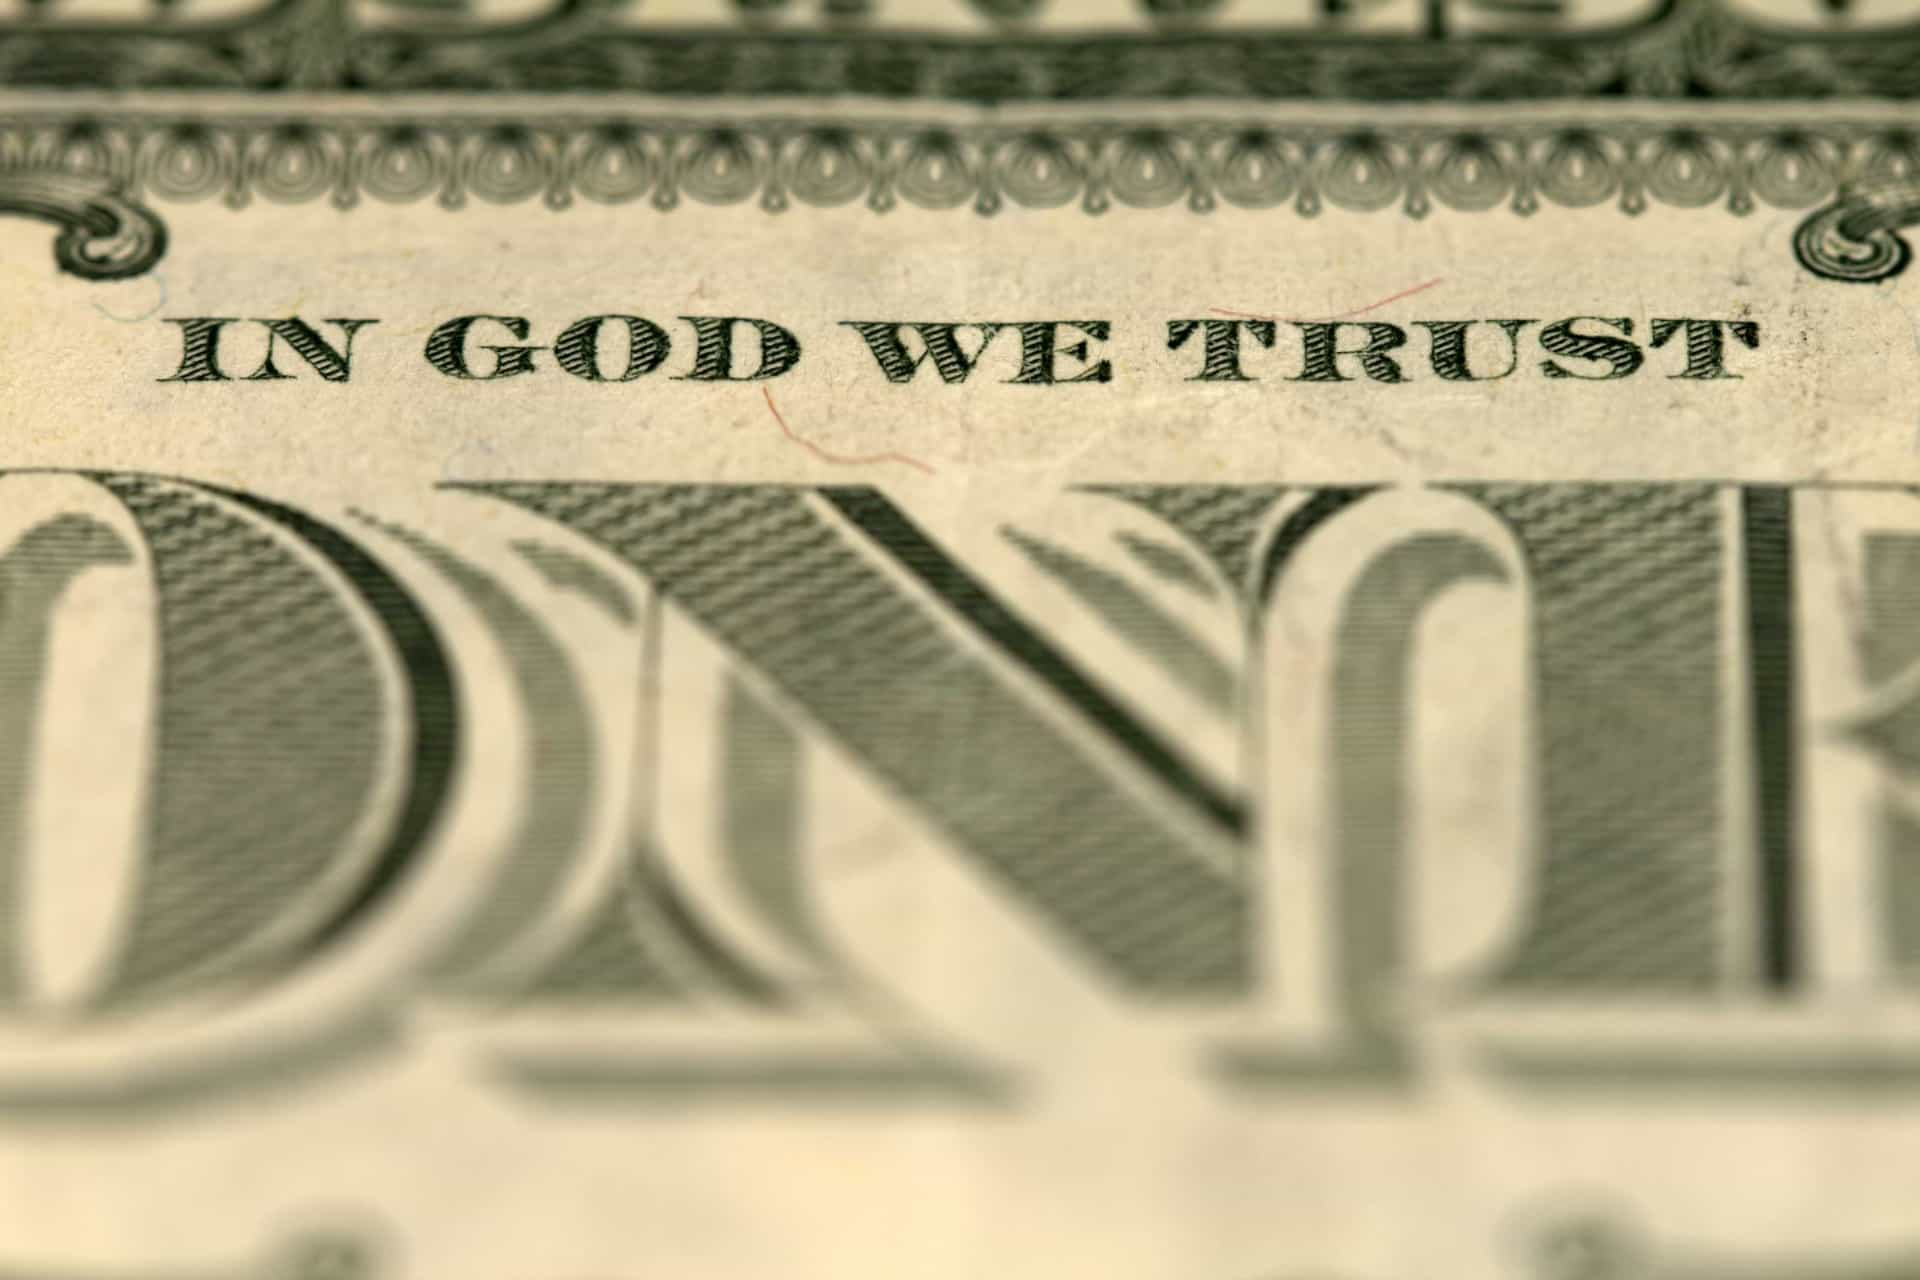 Pensa que sabe tudo sobre dinheiro? Surpreenda-se com estas curiosidades